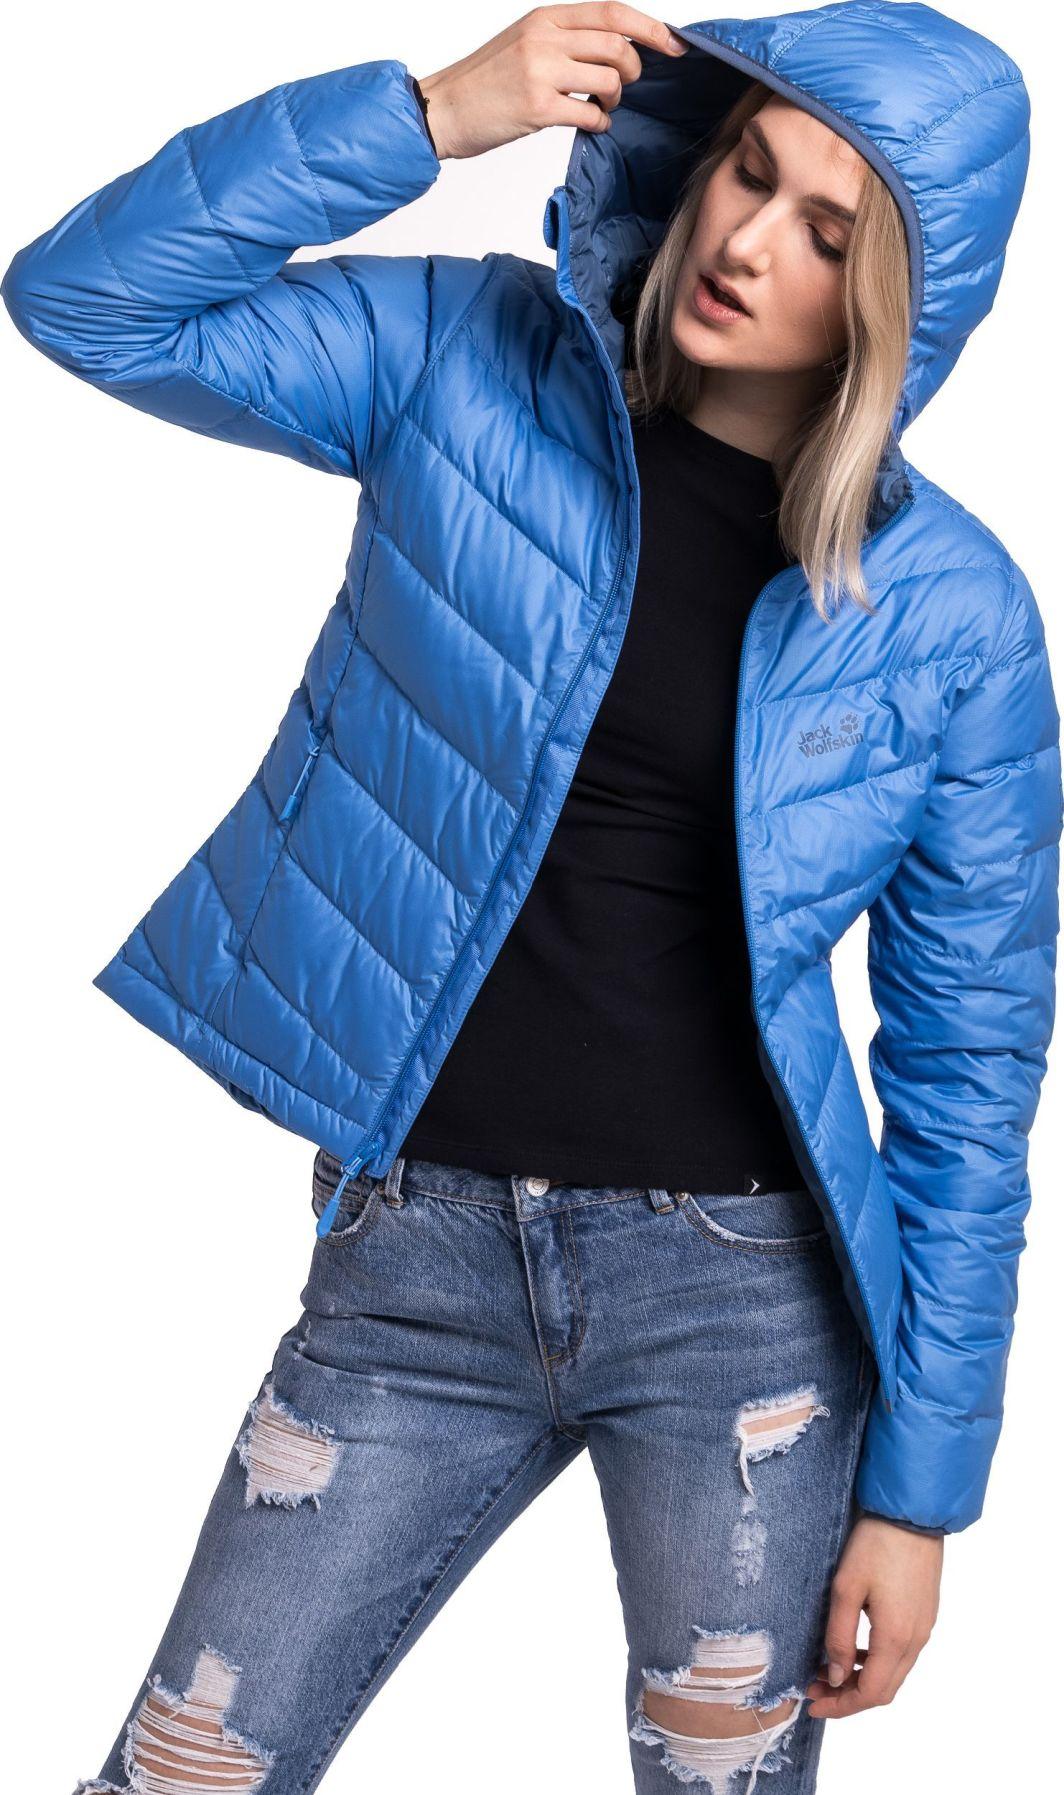 wyprzedaż hurtowa brak podatku od sprzedaży nowe tanie Jack Wolfskin Kurtka damska Helium Women zircon blue r. L ID produktu:  4648395